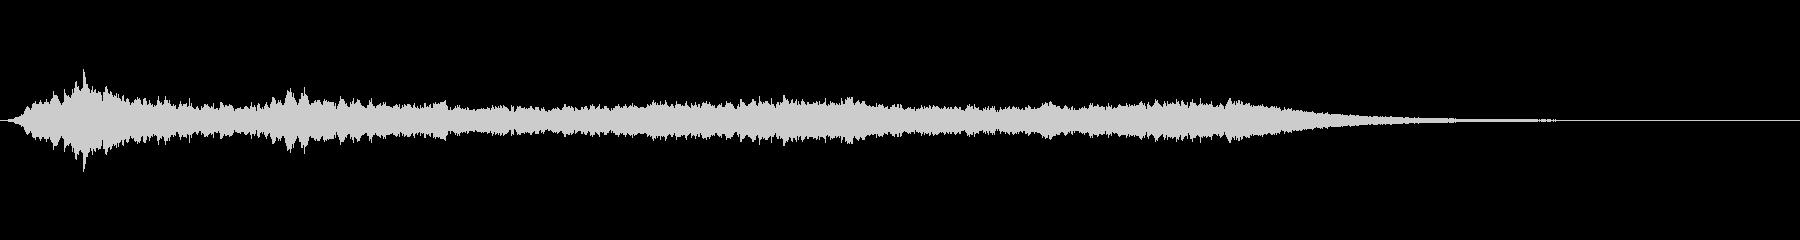 パッド 希望シーケンス01の未再生の波形